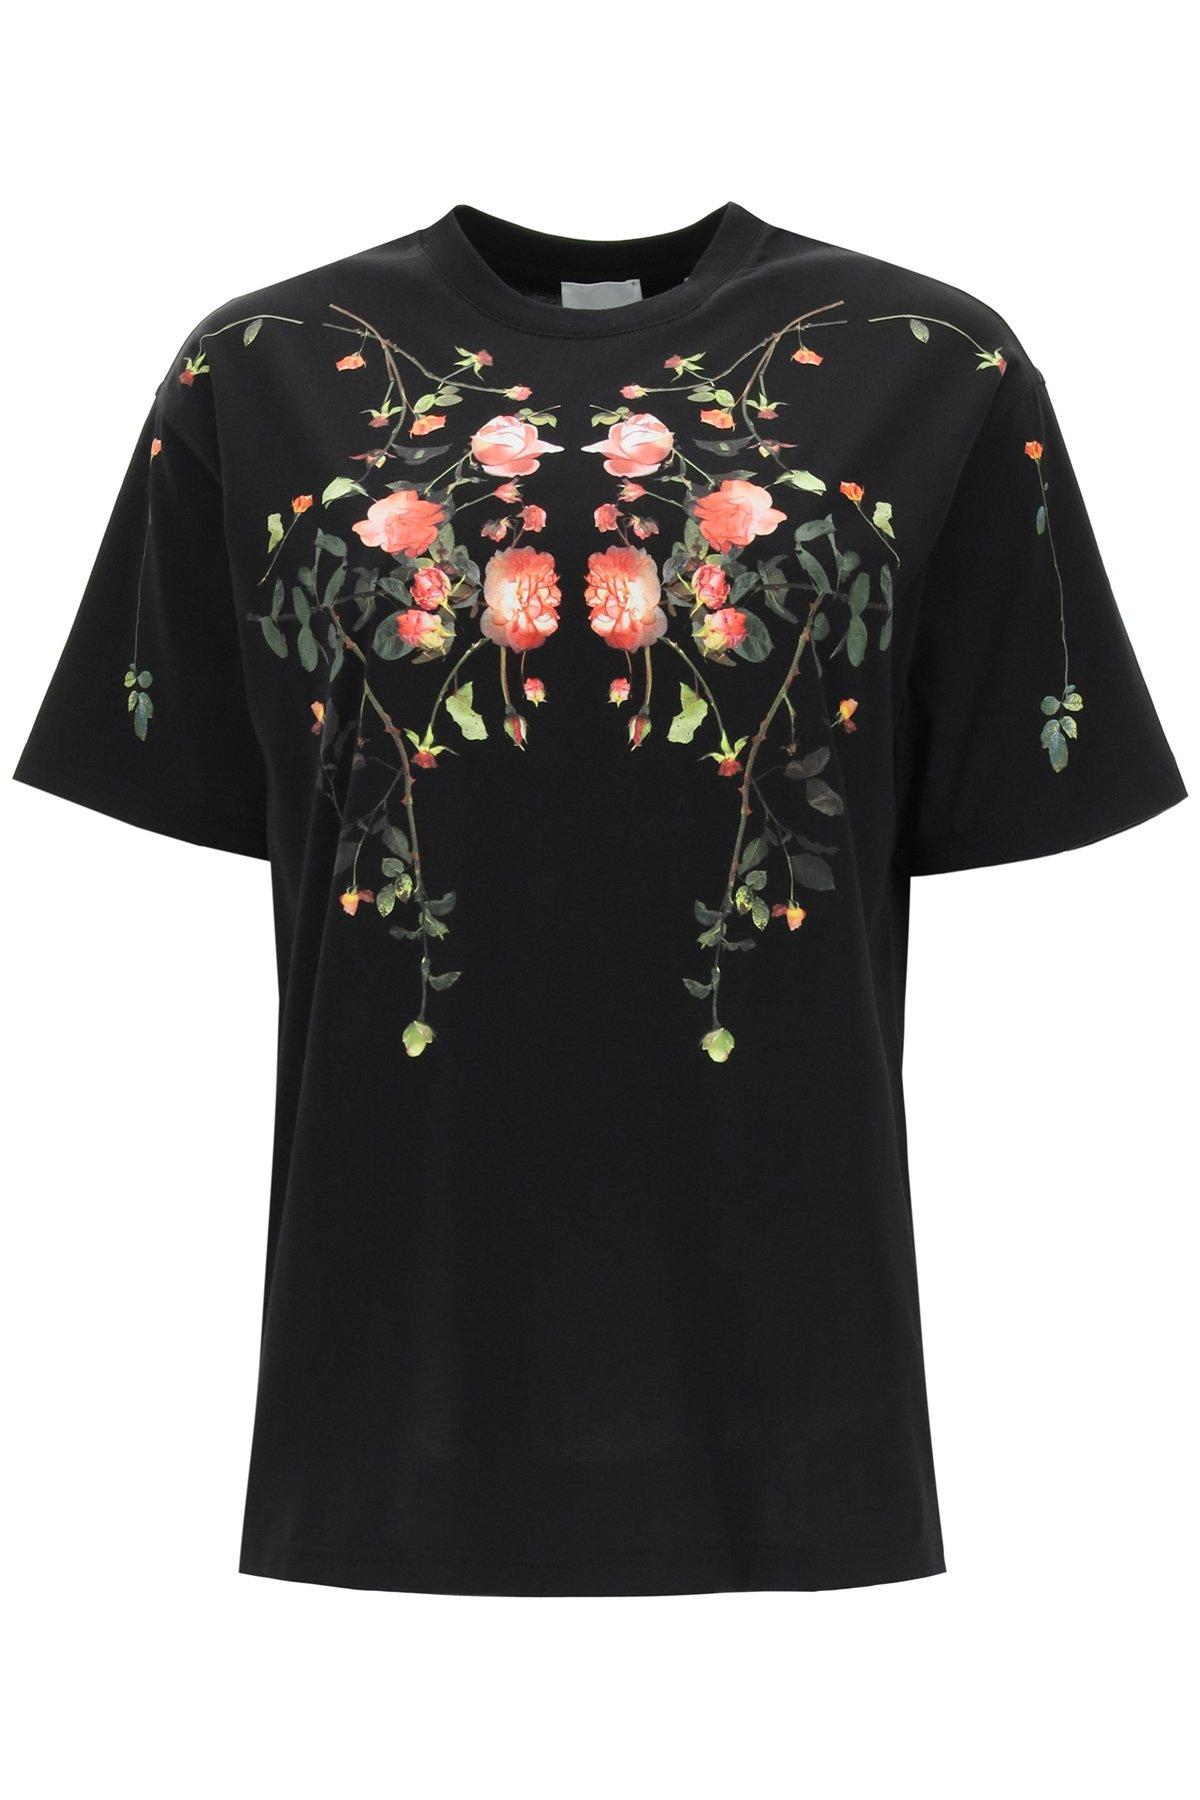 Burberry t-shirt carrick flowers